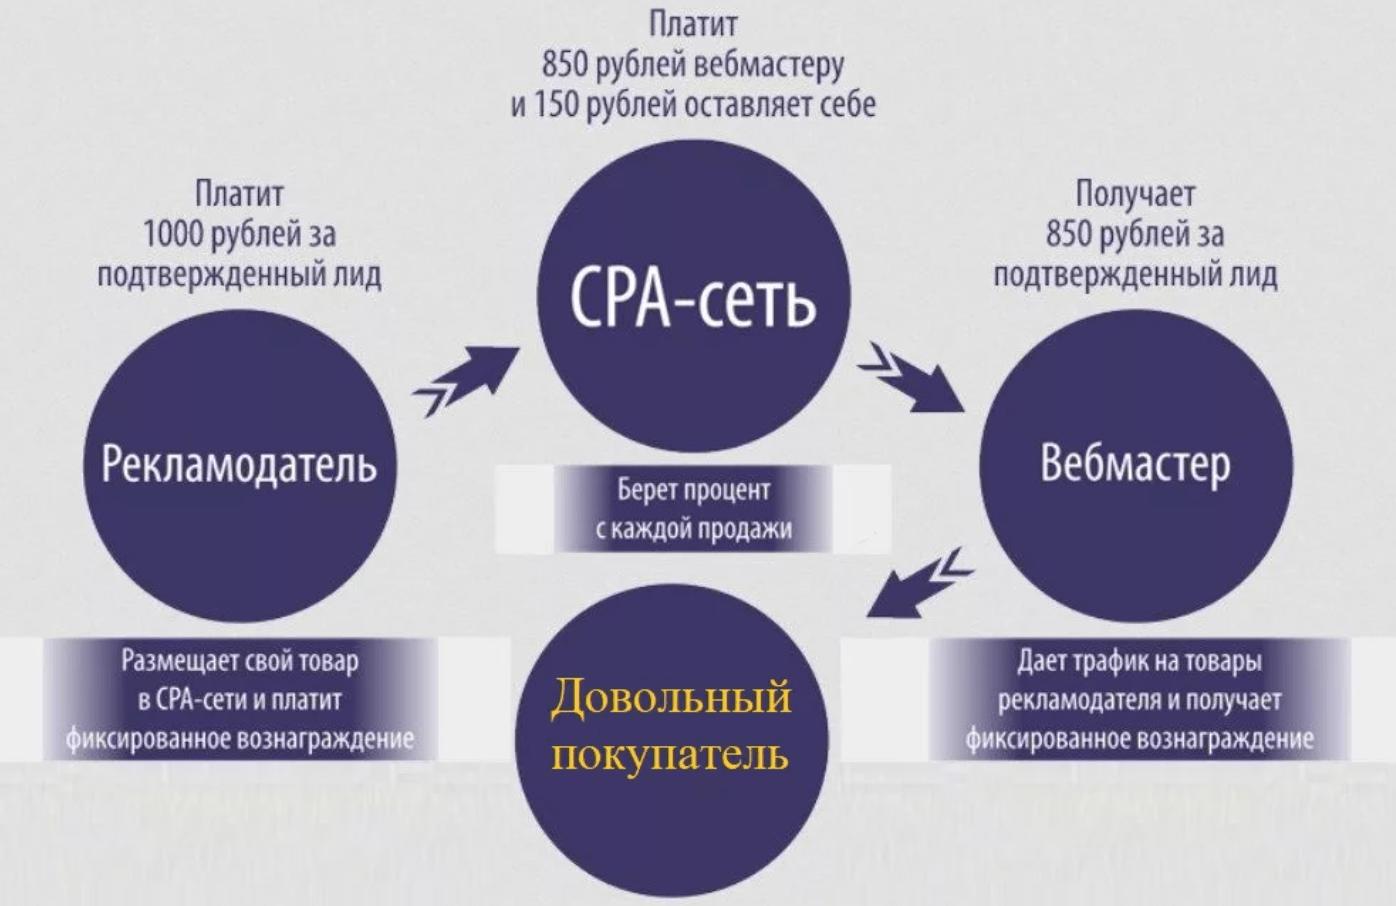 Схема работы с CPA-сетью